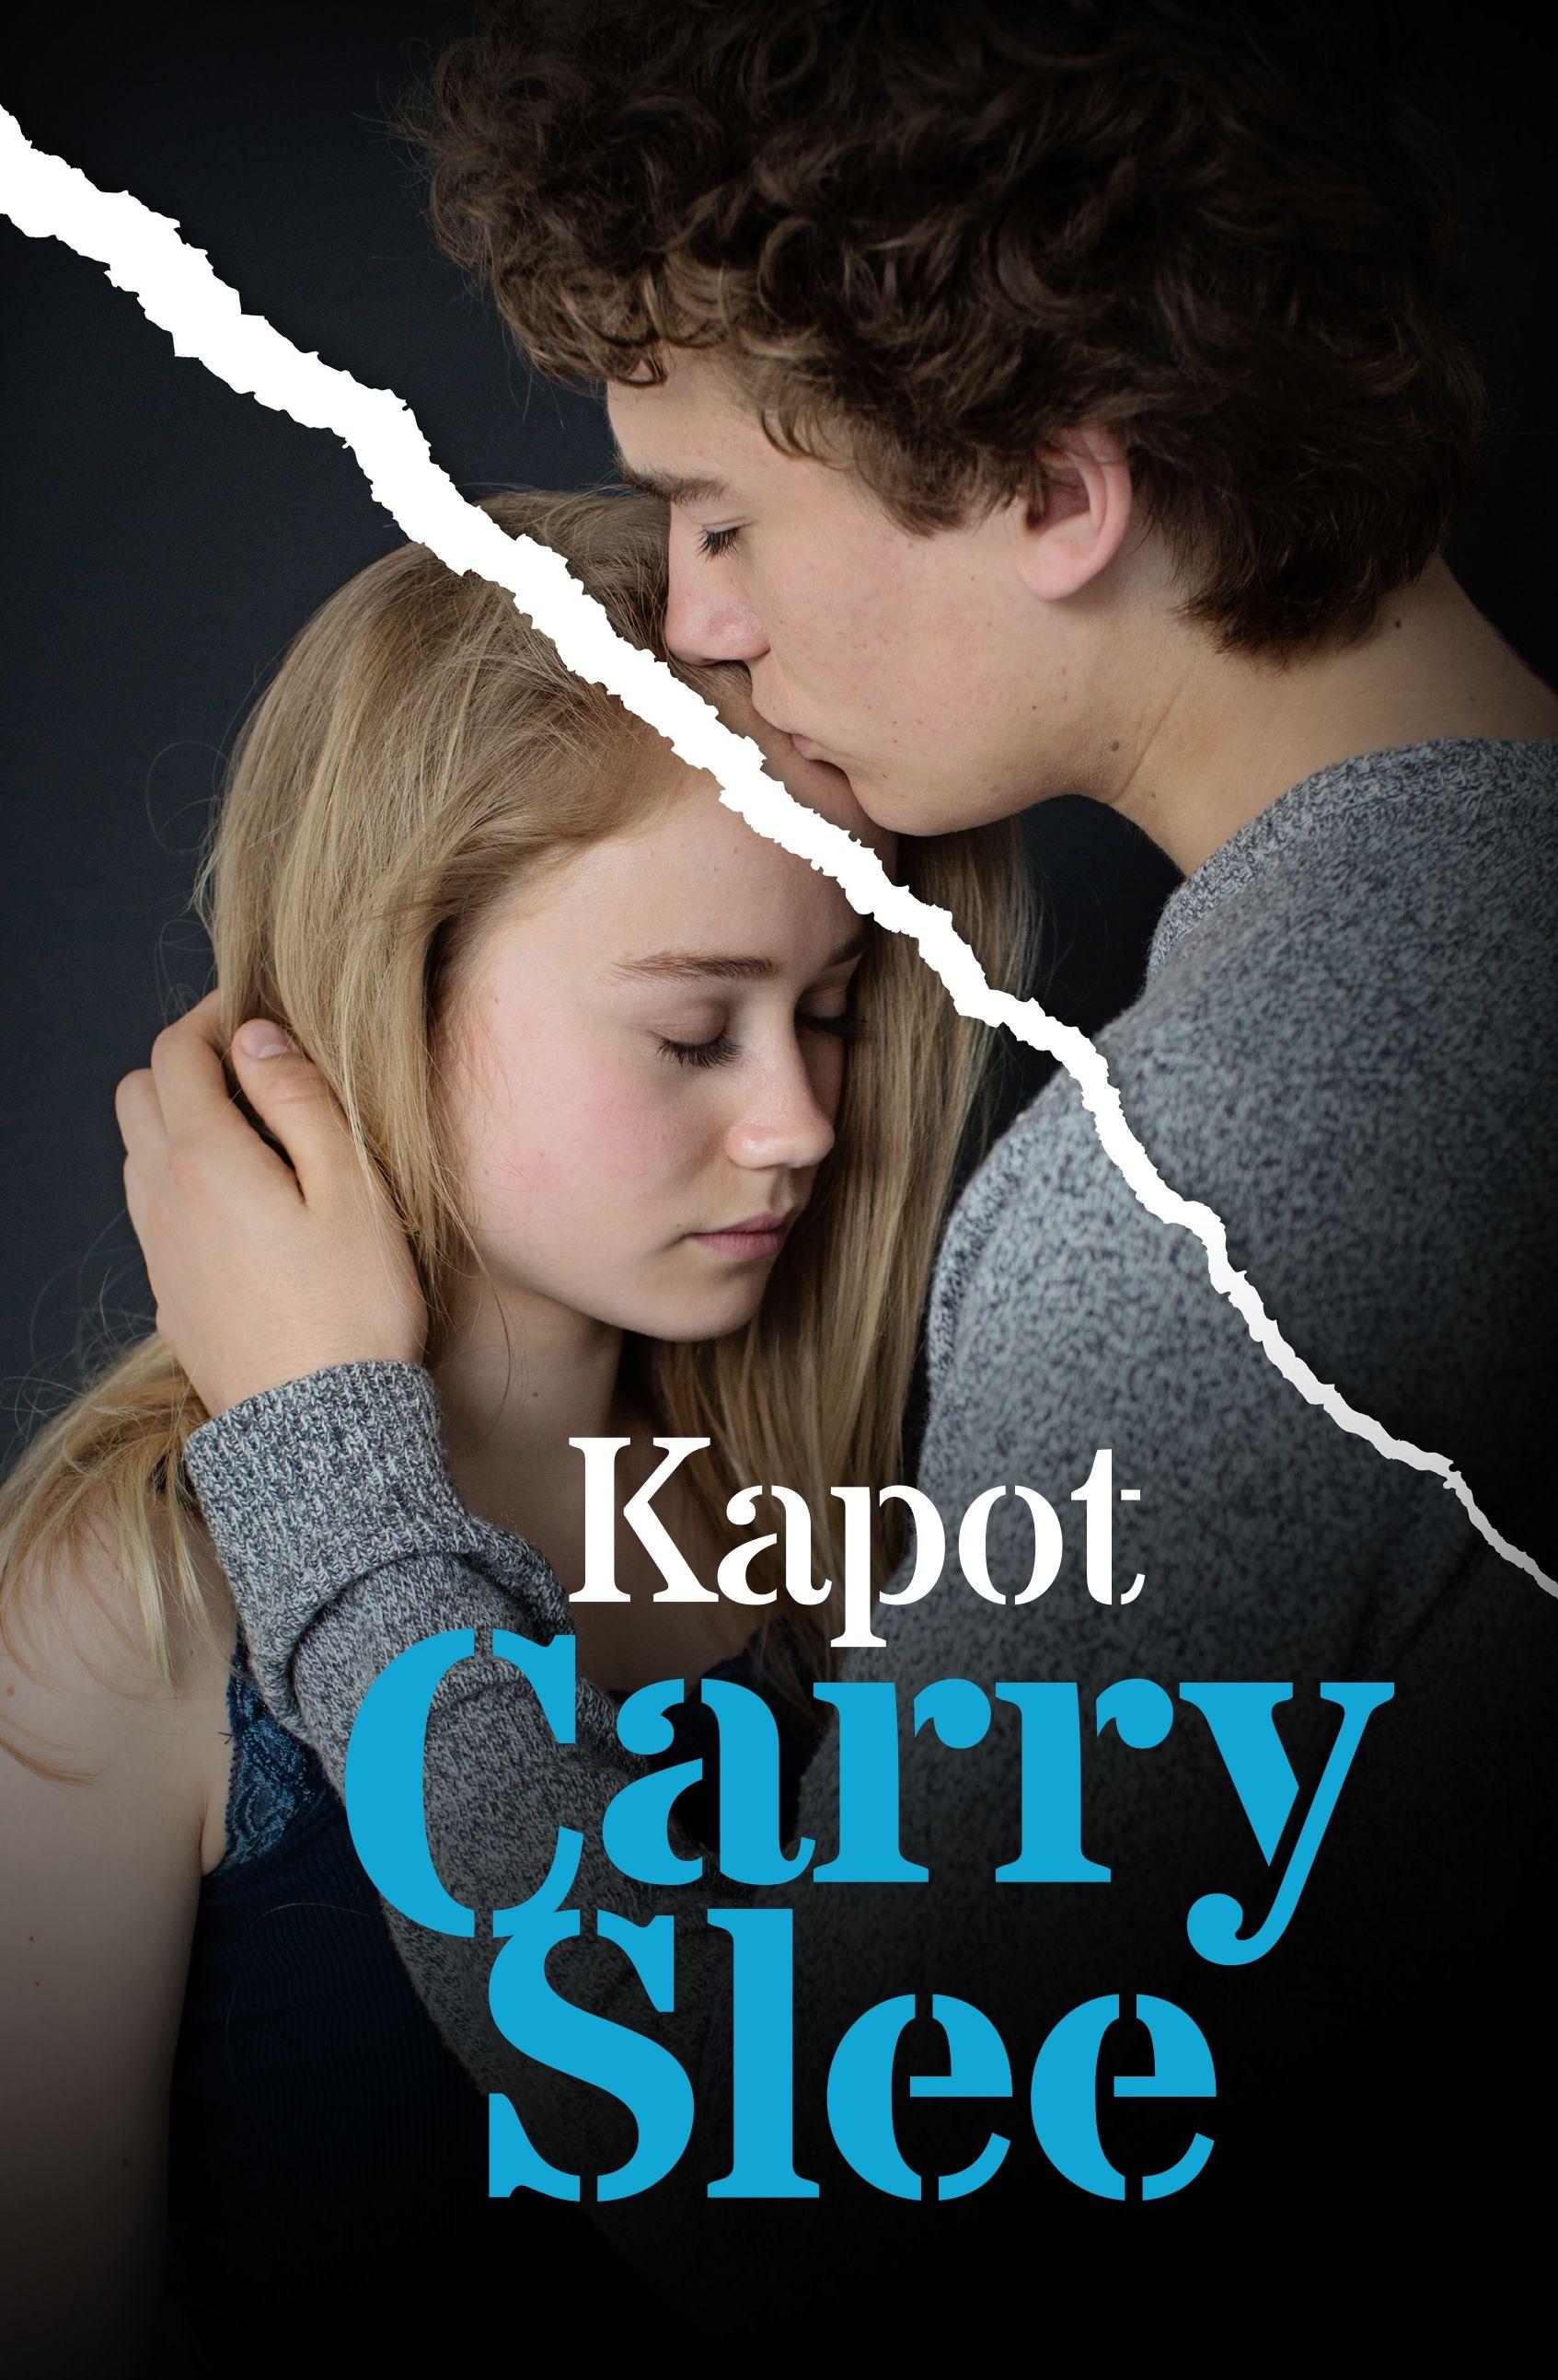 Carry Slee Kapot Het Heeft Indruk Op Me Gemaakt Omdat